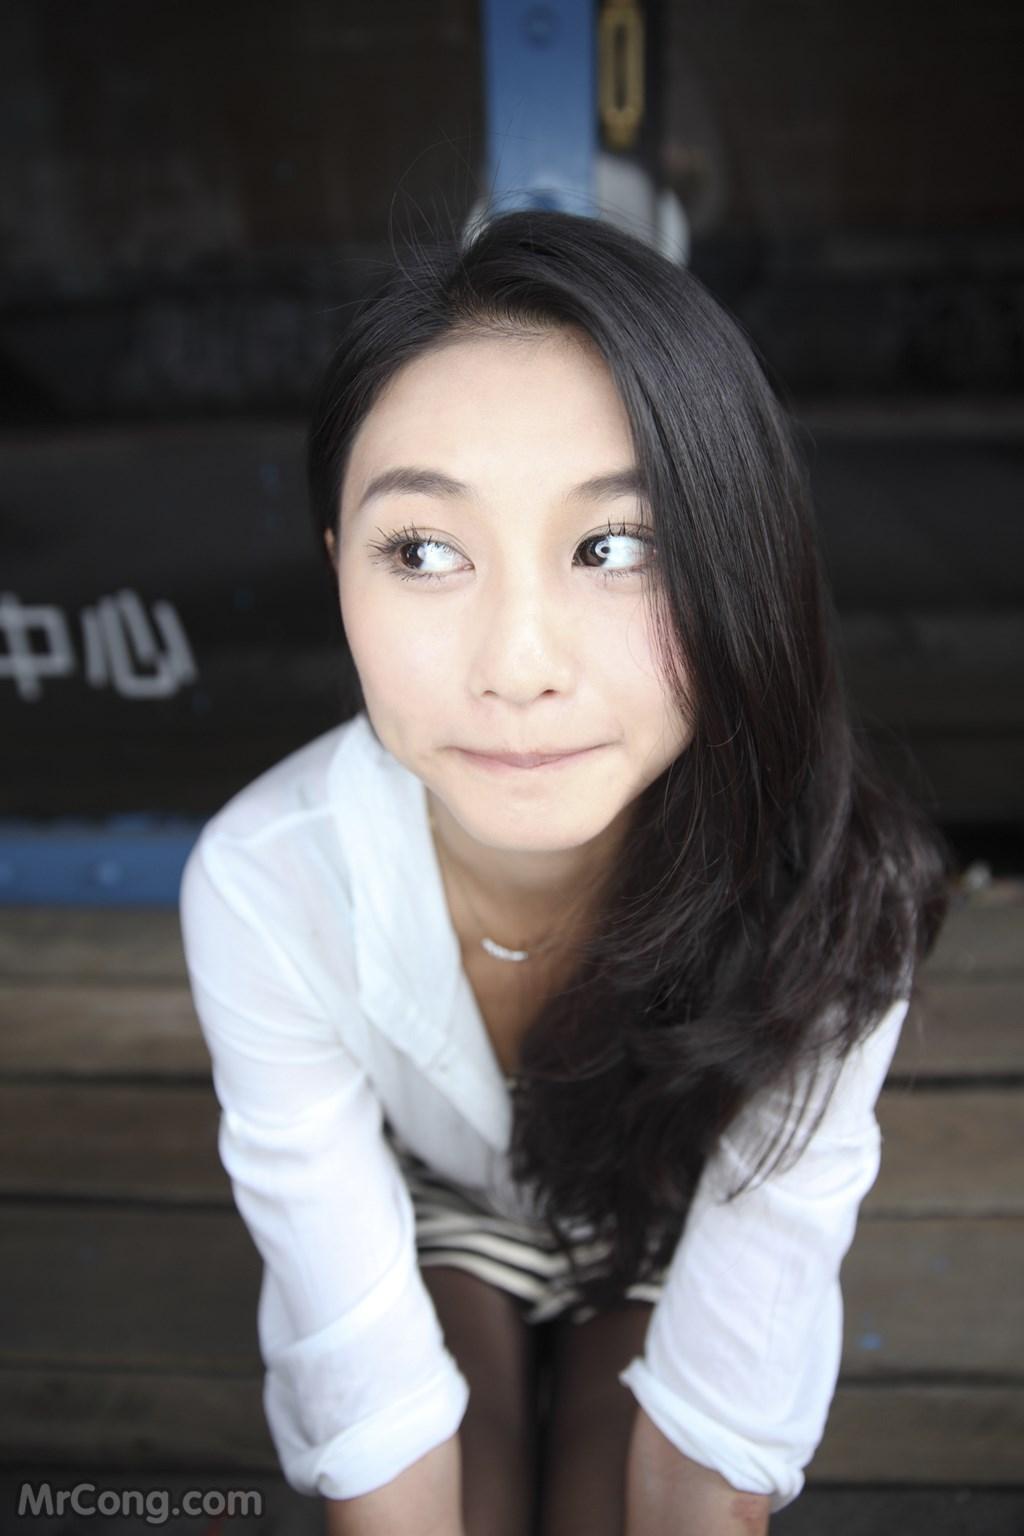 Image Girl-xinh-Dai-Loan-by-Joseph-Huang-Phan-1-MrCong.com-0010 in post Các cô gái Đài Loan qua góc chụp của Joseph Huang (黃阿文) - Phần 1 (1480 ảnh)